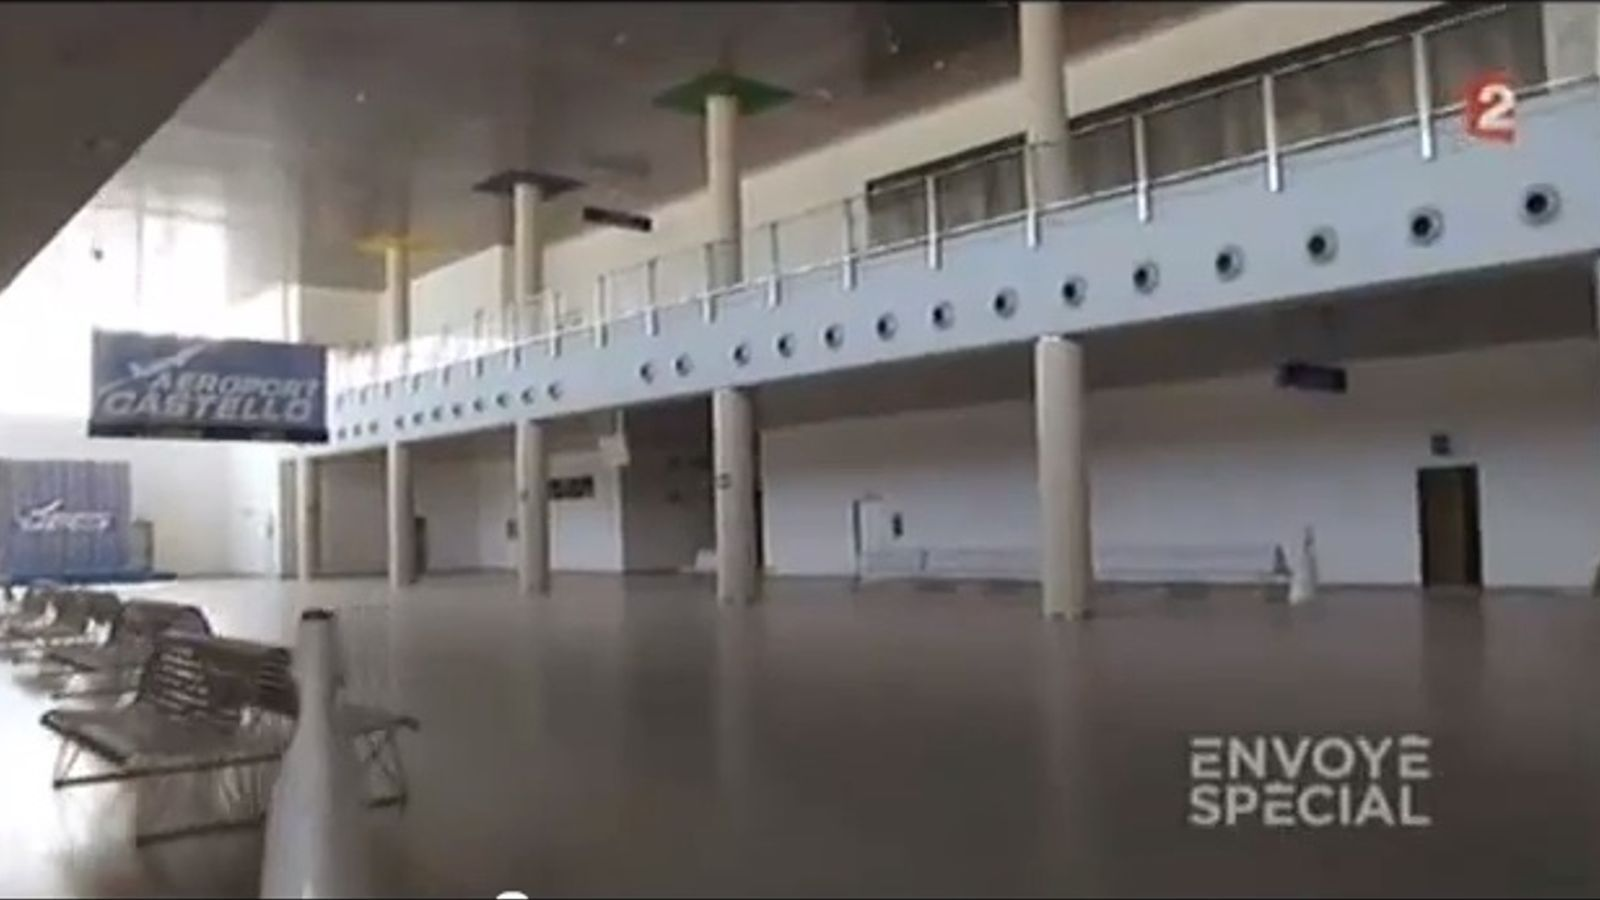 Reportatge de la televisió France 2 sobre l'aeroport de Castelló: És un aeroport que està buit, com el Museu del Louvre a la nit